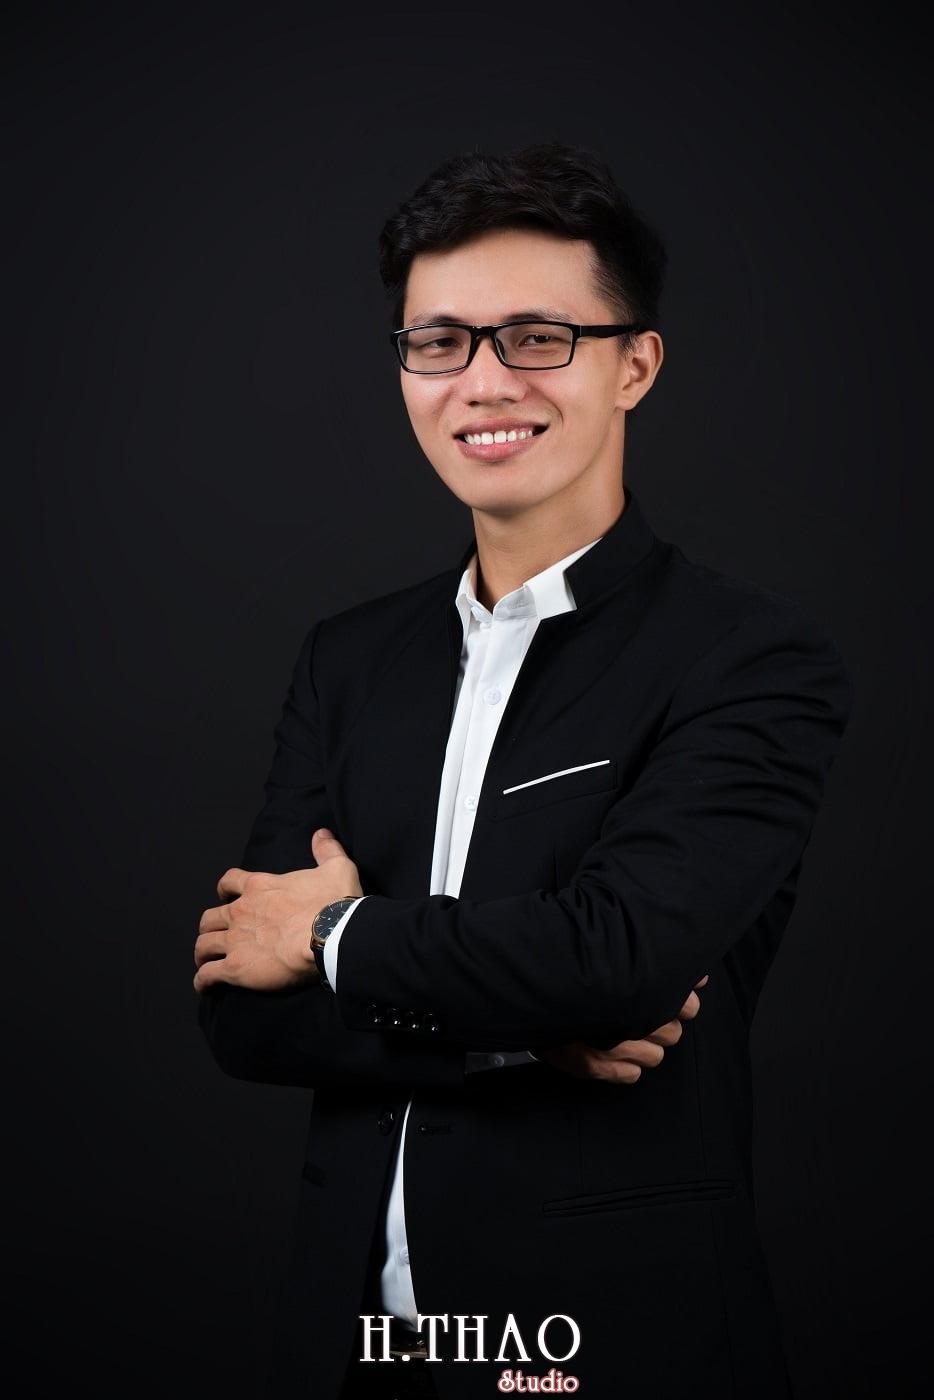 Leo 2 min - Studio chụp ảnh profile cá nhân chuyên nghiệp ở Tp.HCM- HThao Studio